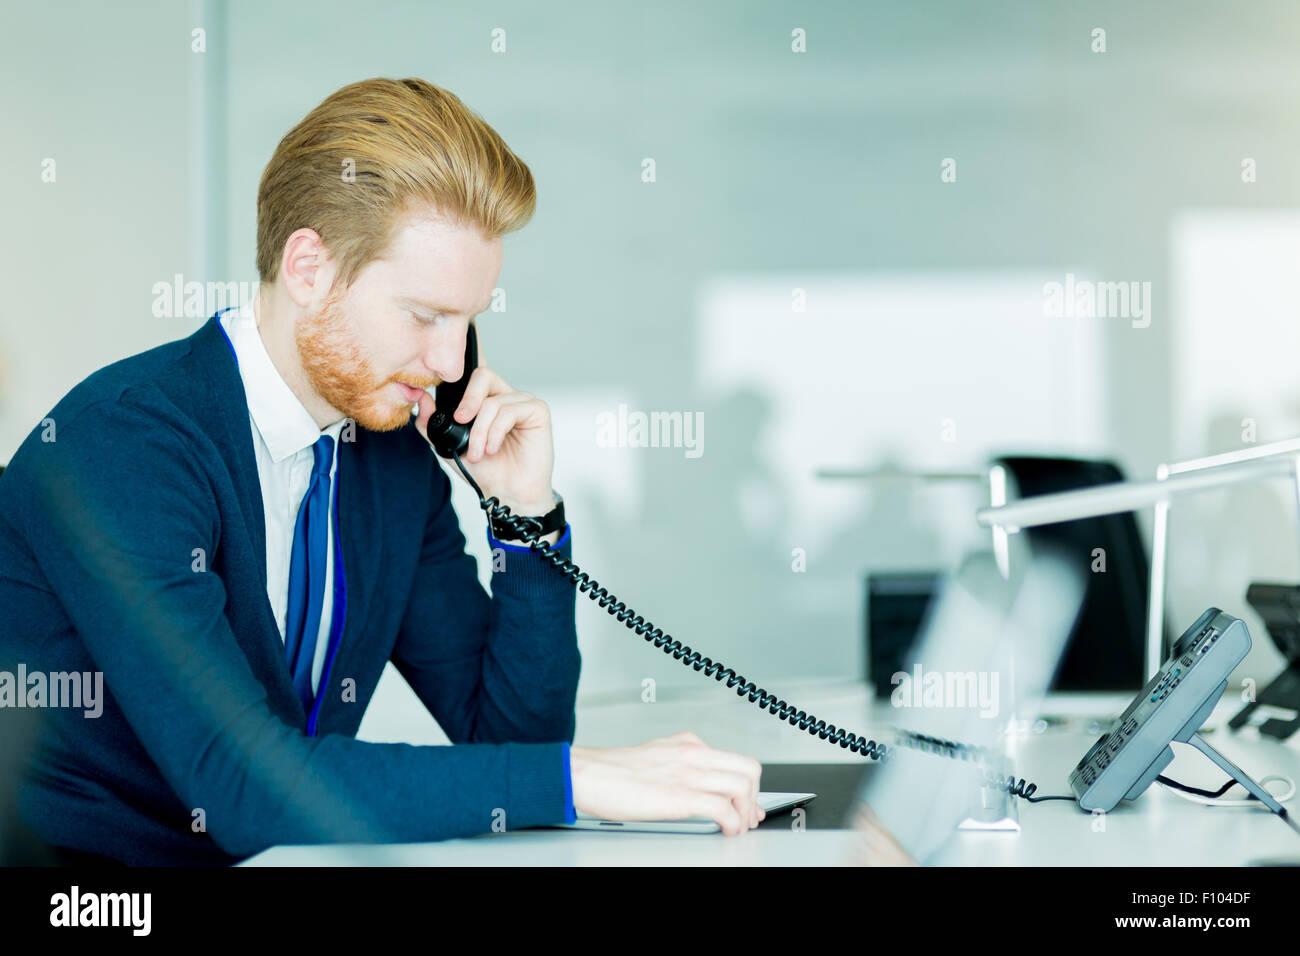 Un bel maschio, dai capelli rossi lavoratore in un call center office a parlare su un telefono cellulare Immagini Stock